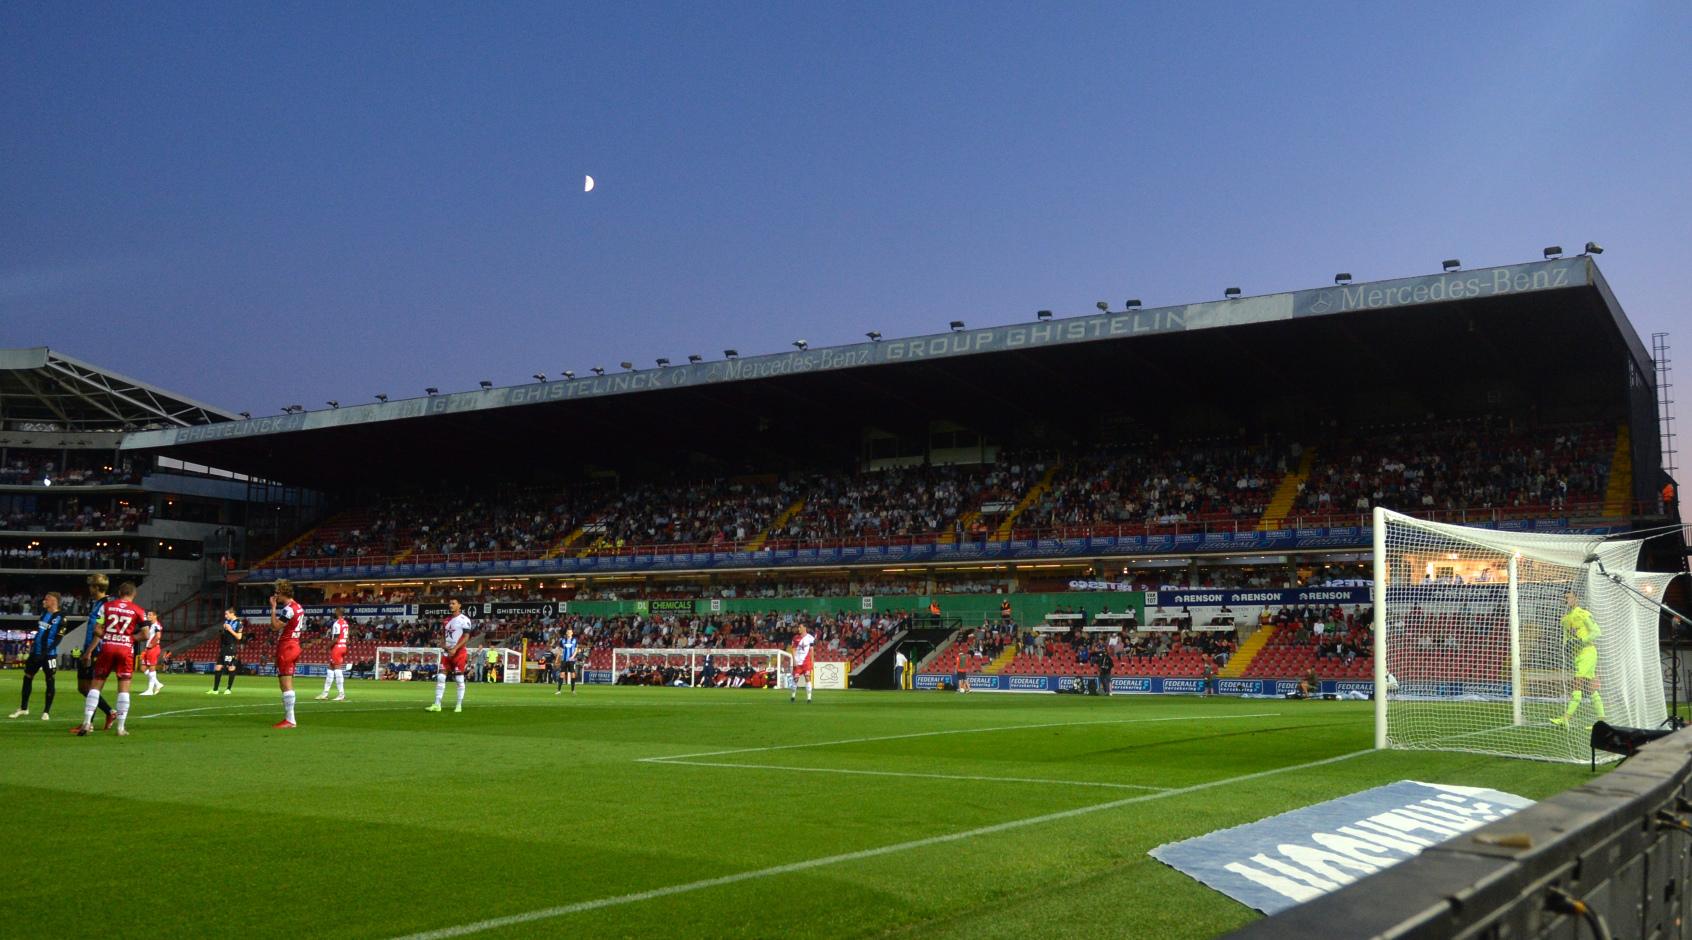 """На стадионе """"Зюлте-Варегема"""" пропал свет: спонсор клуба – компания, которая поставляет электроэнергию"""